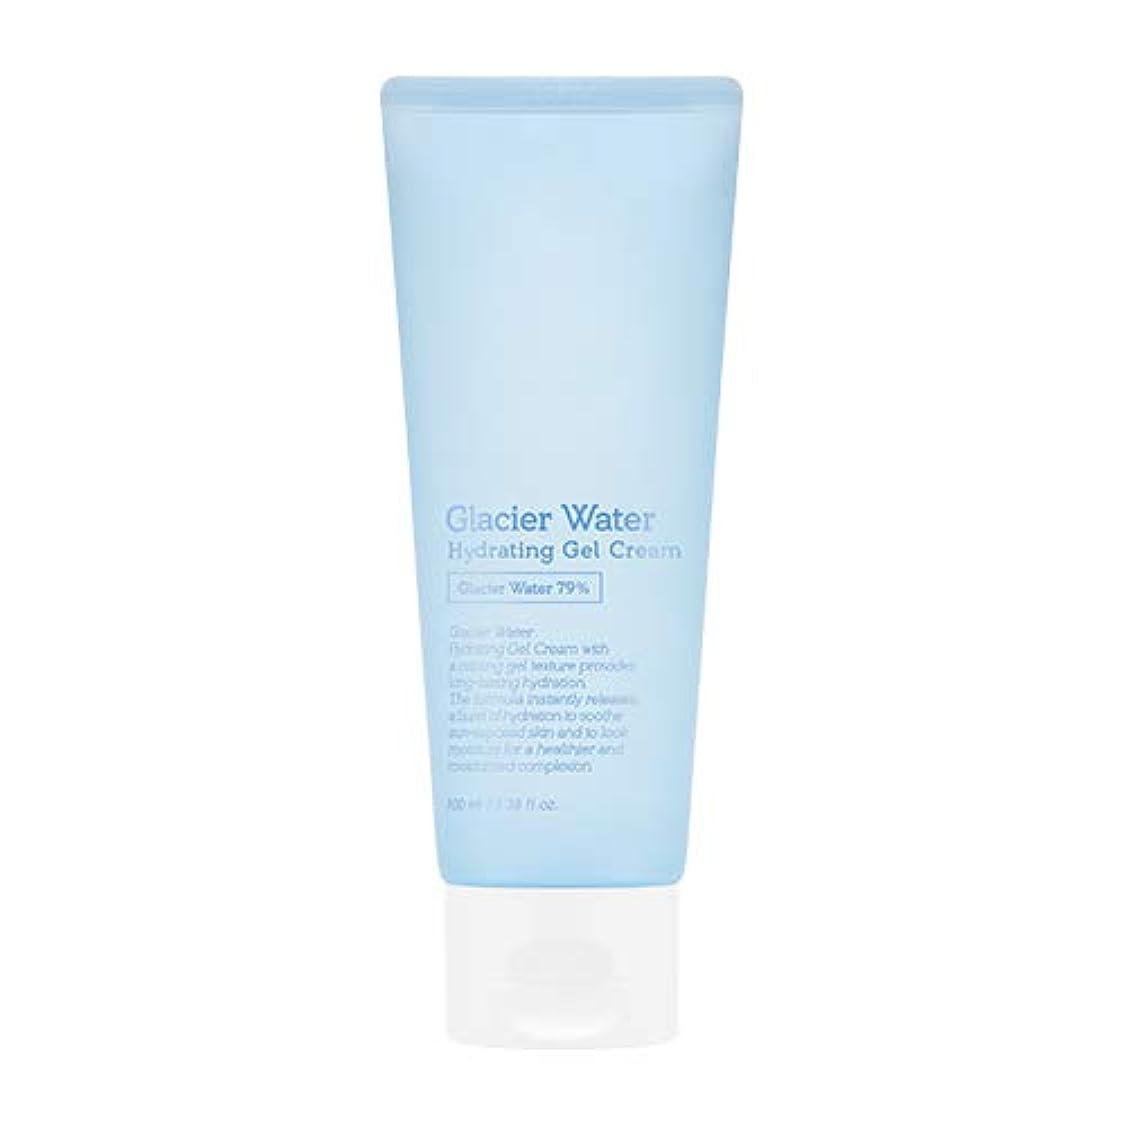 ポーチ妥協留まるアピュ 氷河水 ハイドレーティングゲルクリーム [大容量] / A'PIEU Glacier Water Hydrating Gel Cream 100ml [並行輸入品]